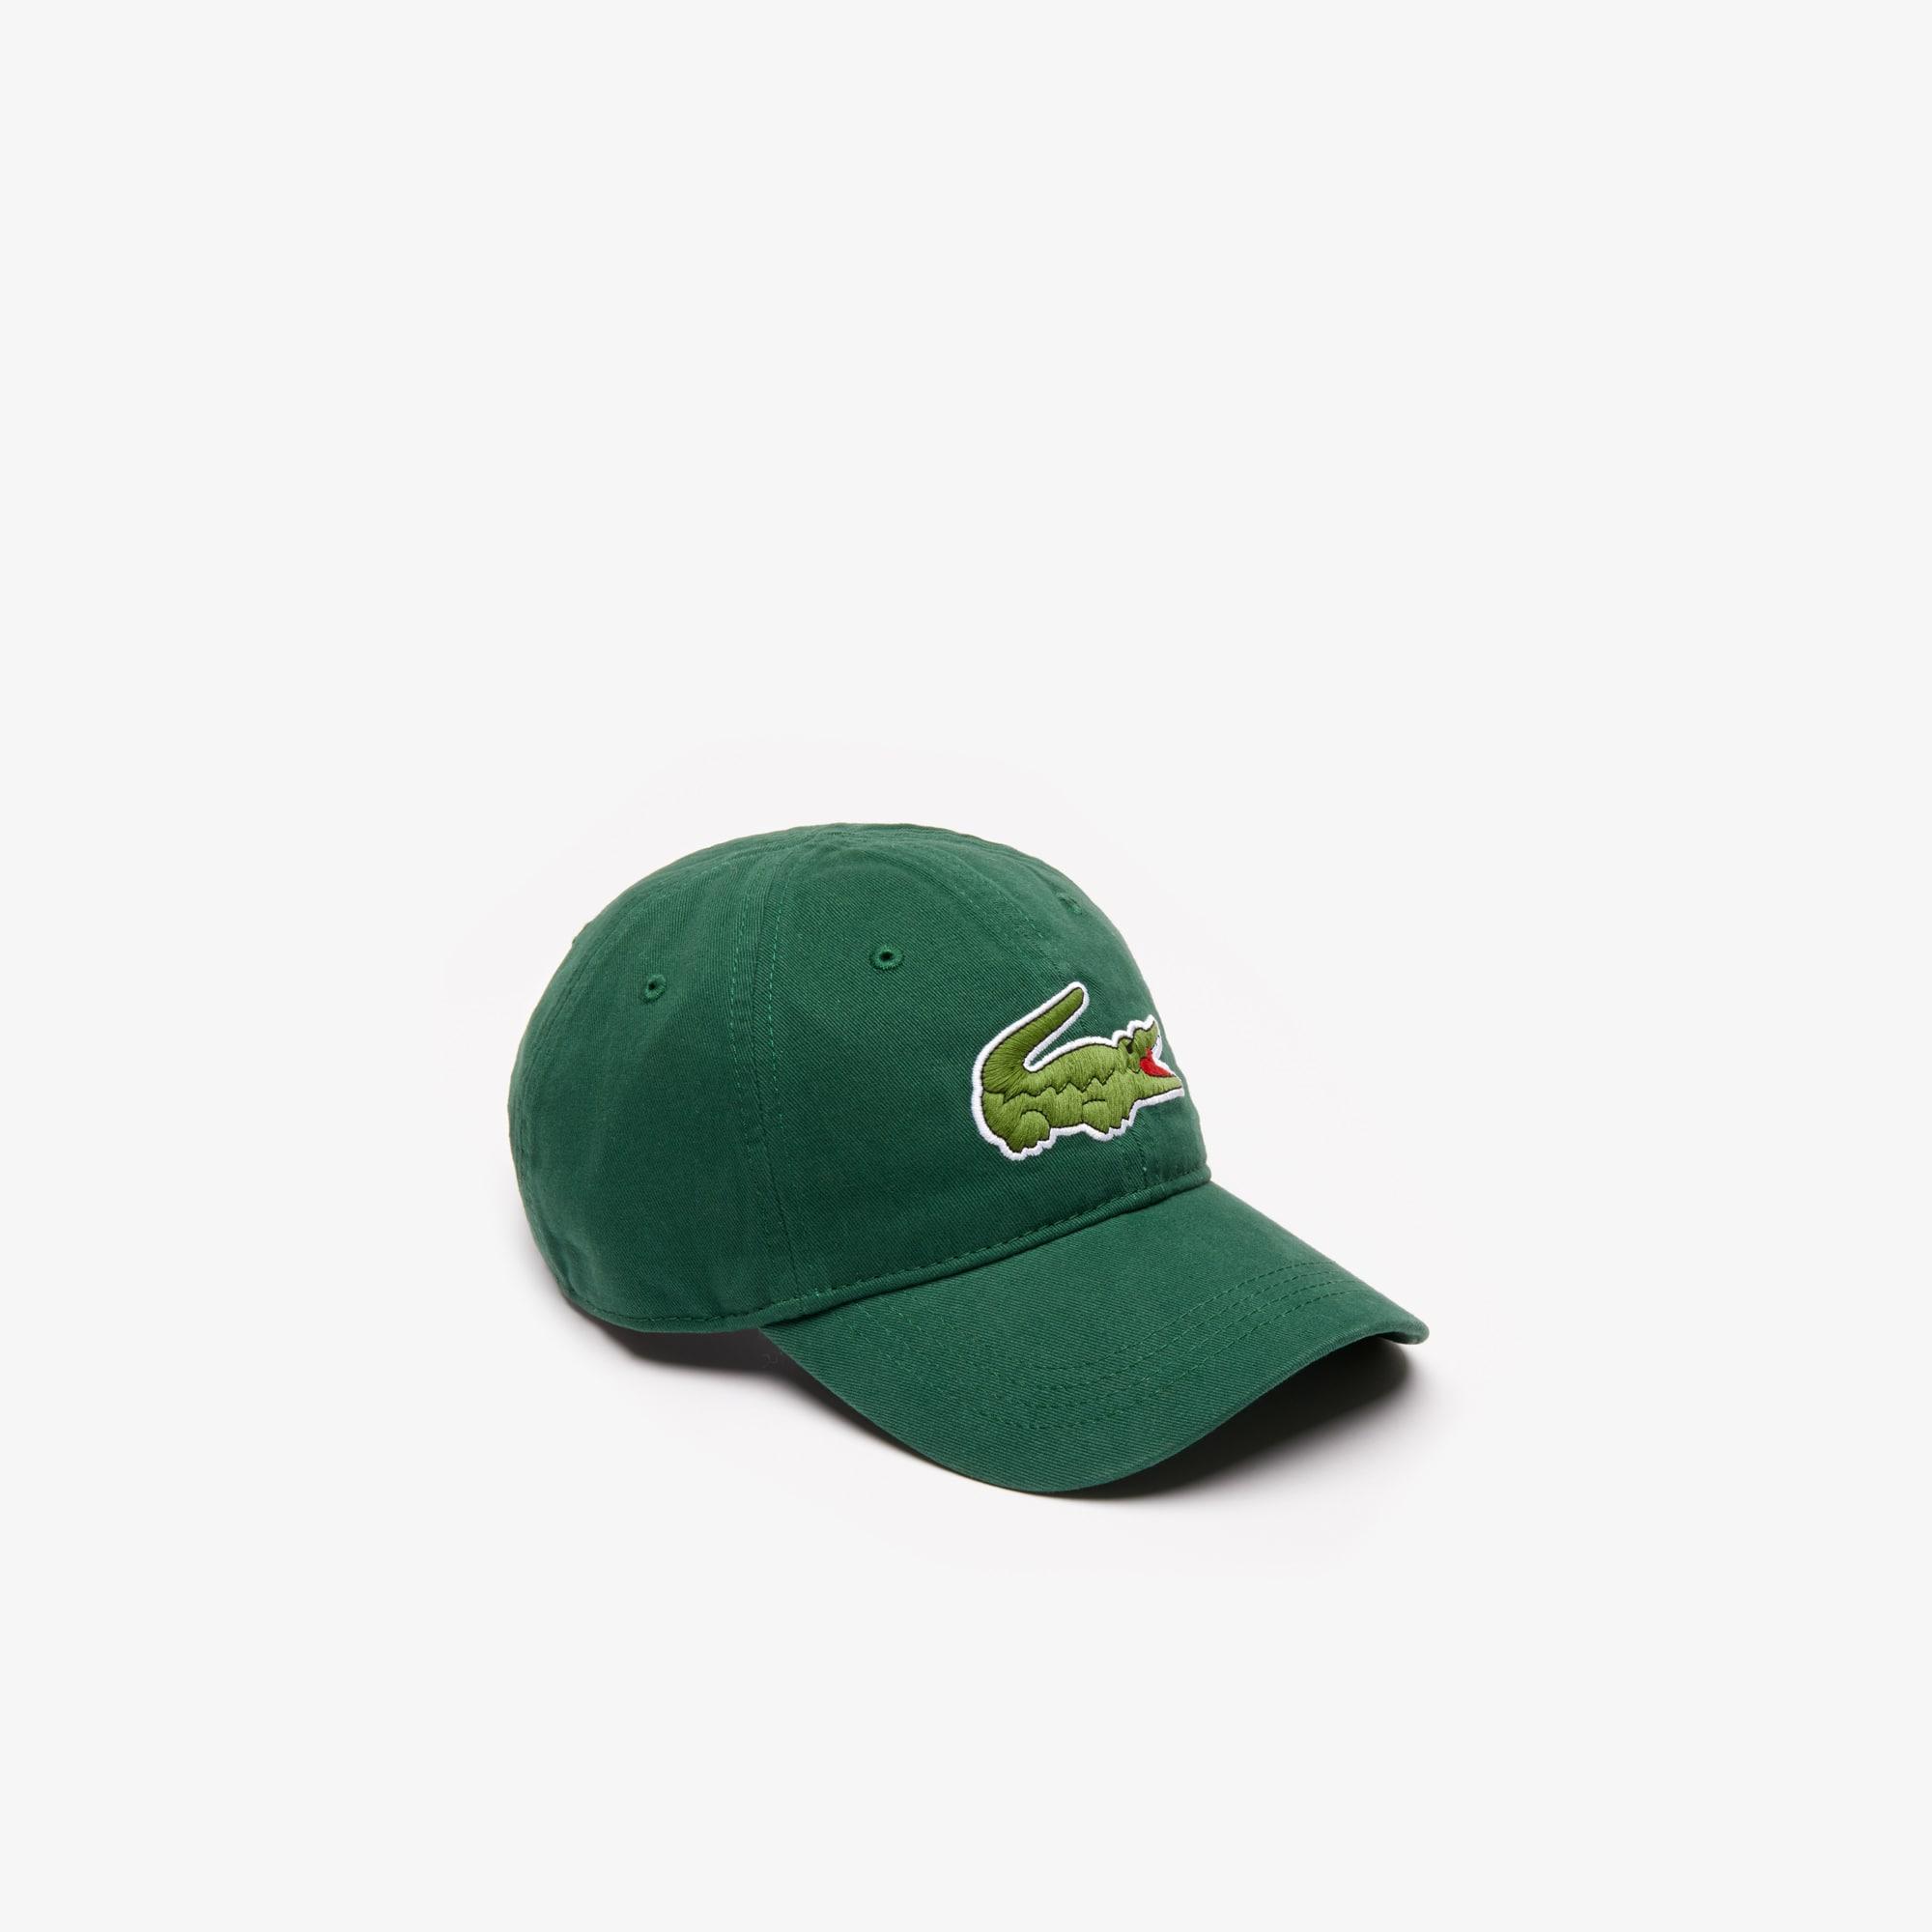 de6480e3cd1 Caps   Hats